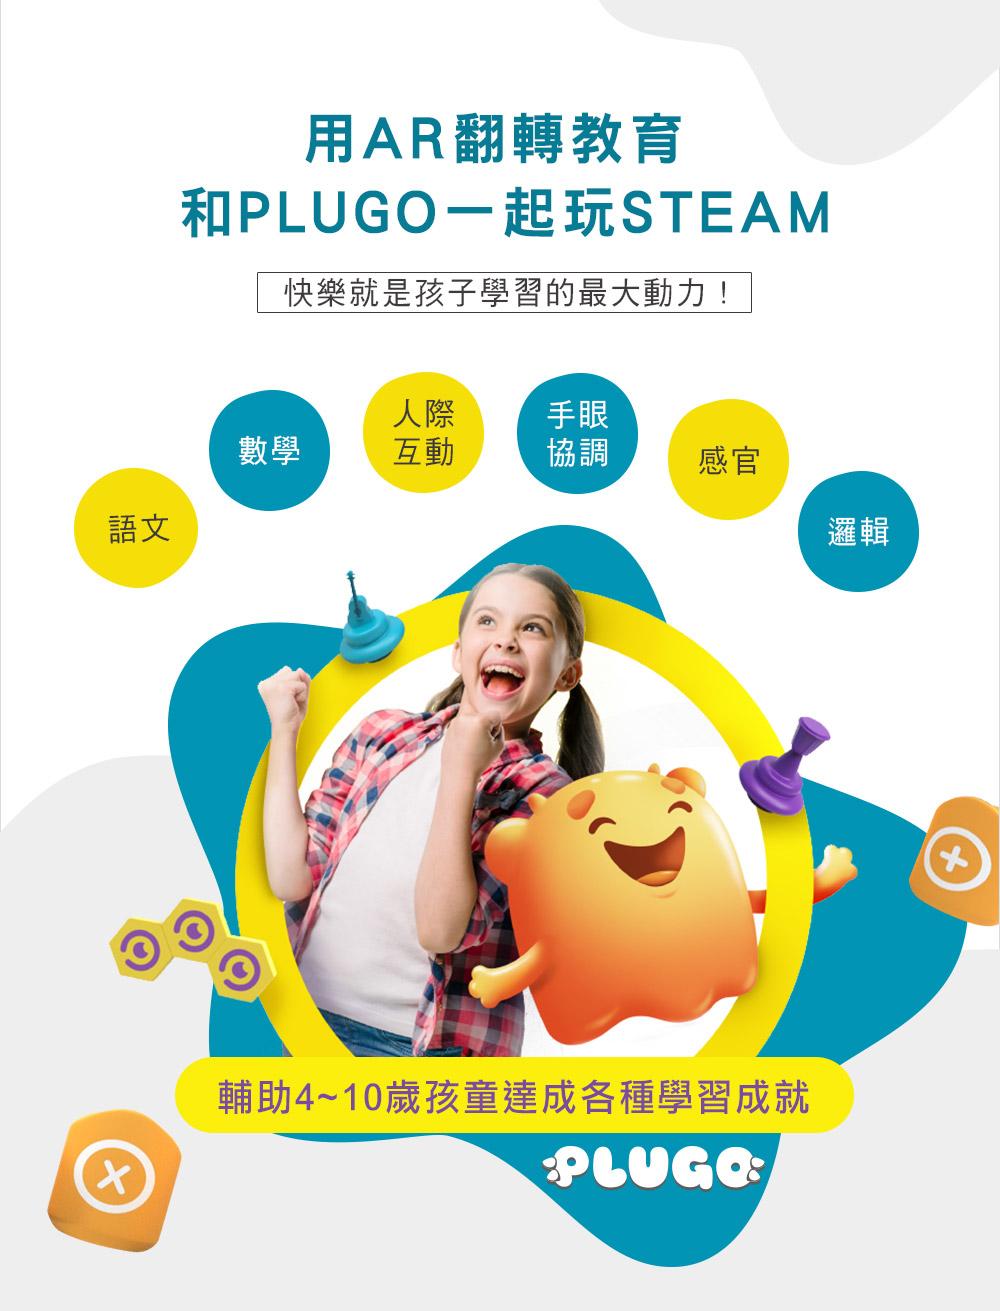 PLUGO 互動式益智教具,STEAM教育推薦益智玩具 | shifu 互動式玩具